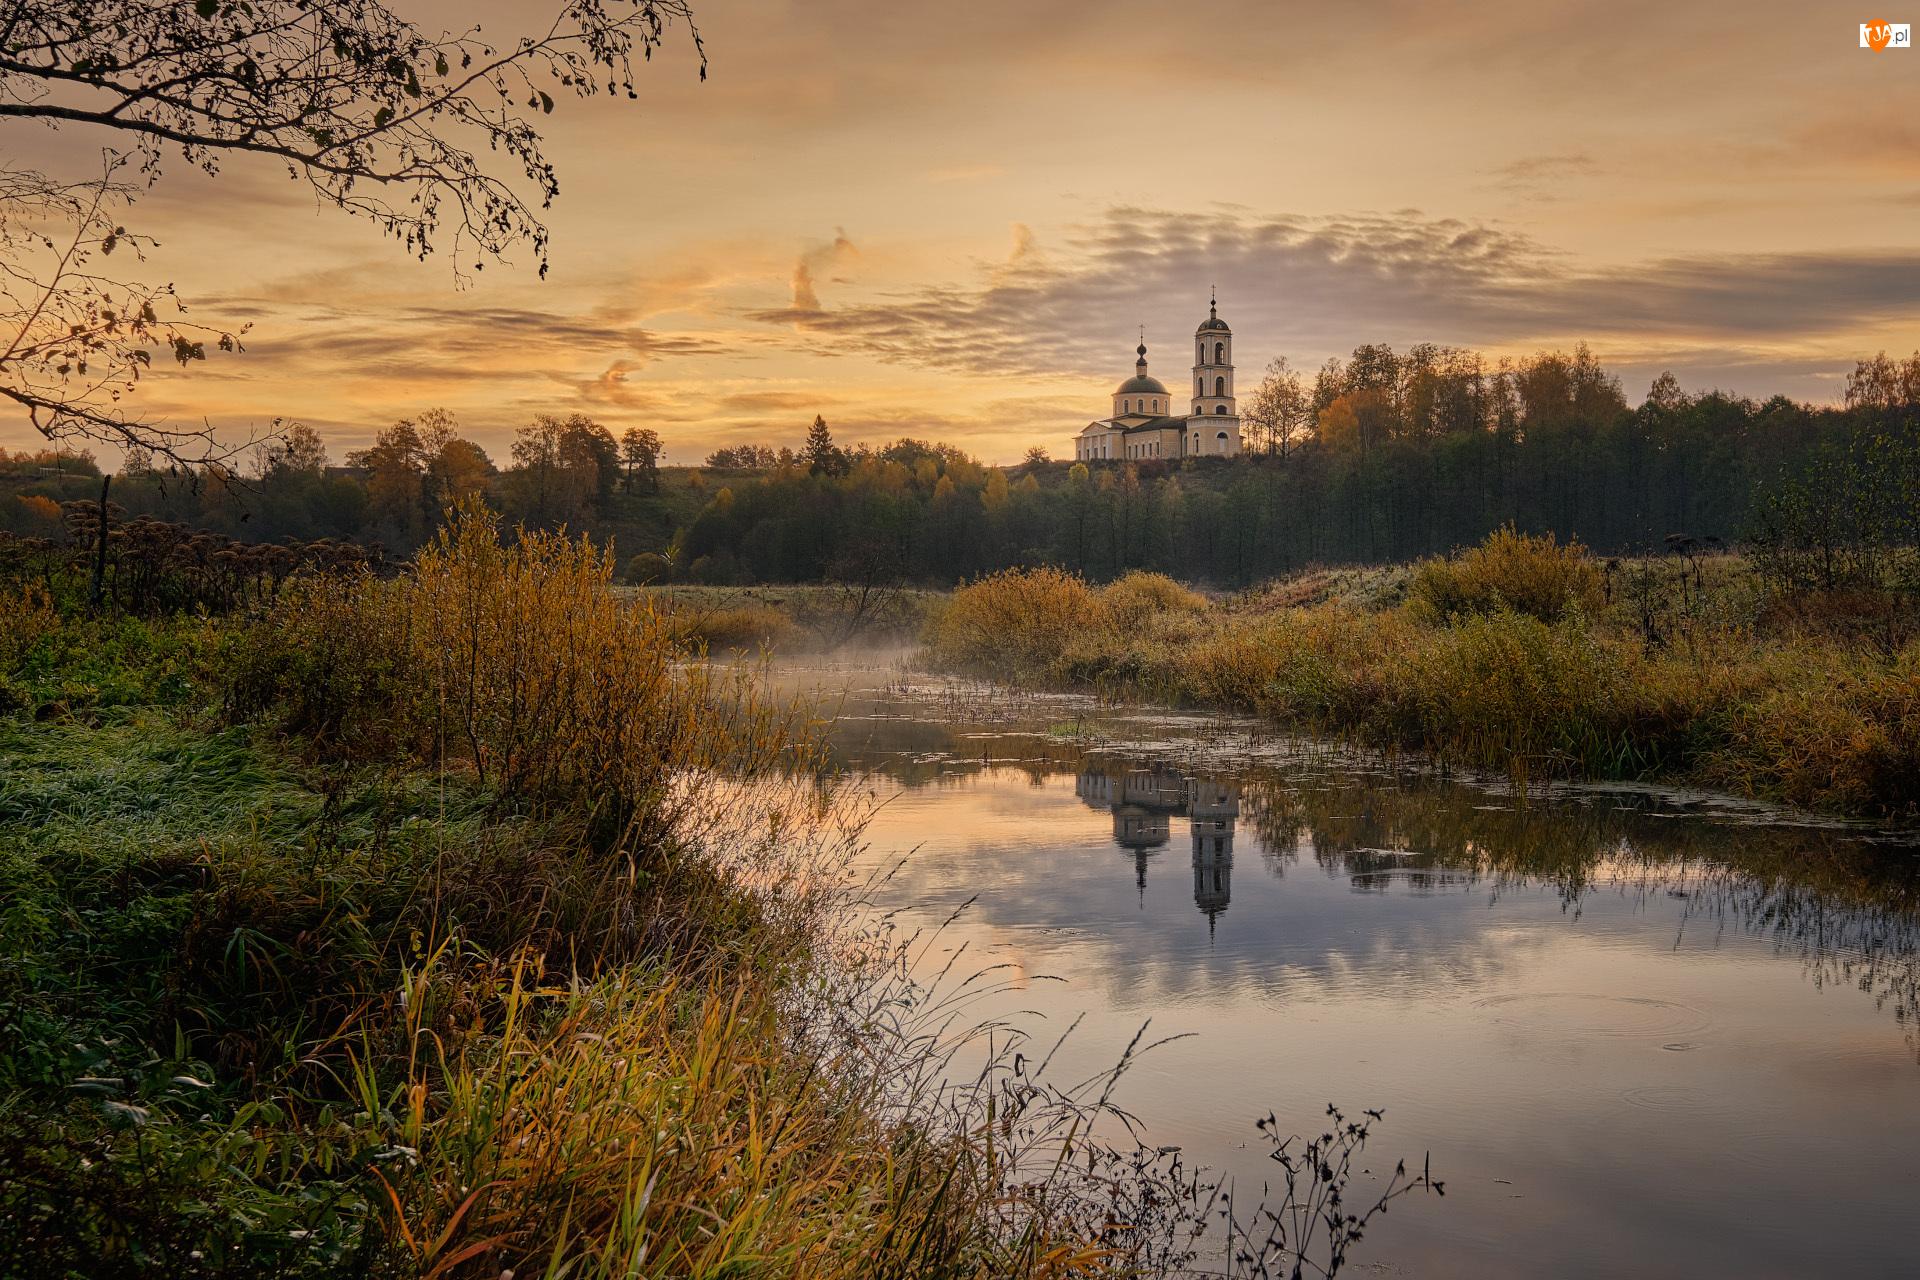 Wieś Glukhovo, Wschód słońca, Drzewa, Obwód włodzimierski, Jesień, Rzeka Vorsha, Rosja, Cerkiew św. Eilasza